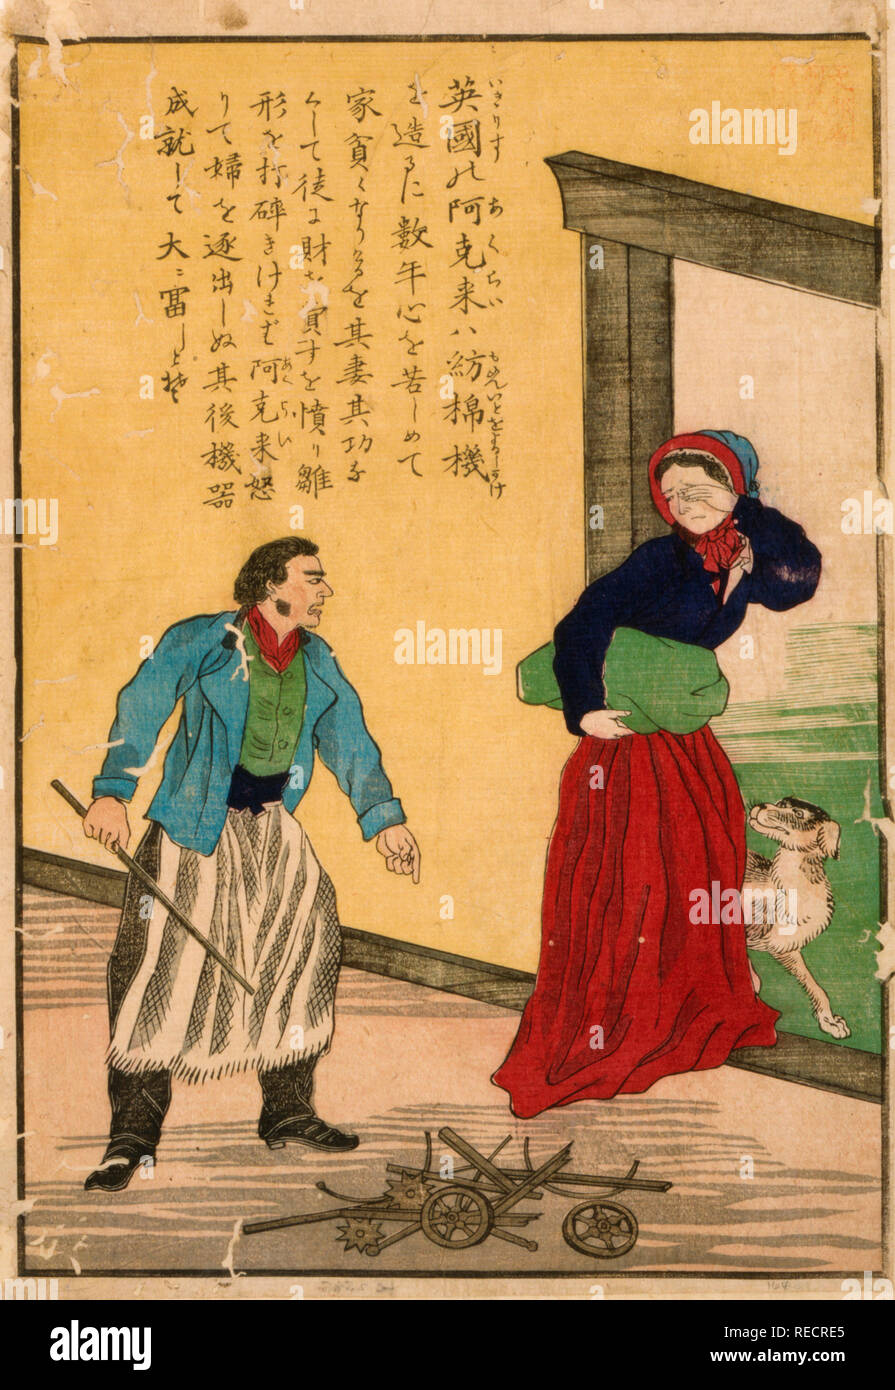 Sir Richard Arkwright, Erfinder der Spinnmaschine - Japanische Drucken zeigt einen wütenden Arkwright seine Frau senden zu ihren Eltern, weil sie bewusst sein spinnrad brach. Ca. 1850 Stockfoto